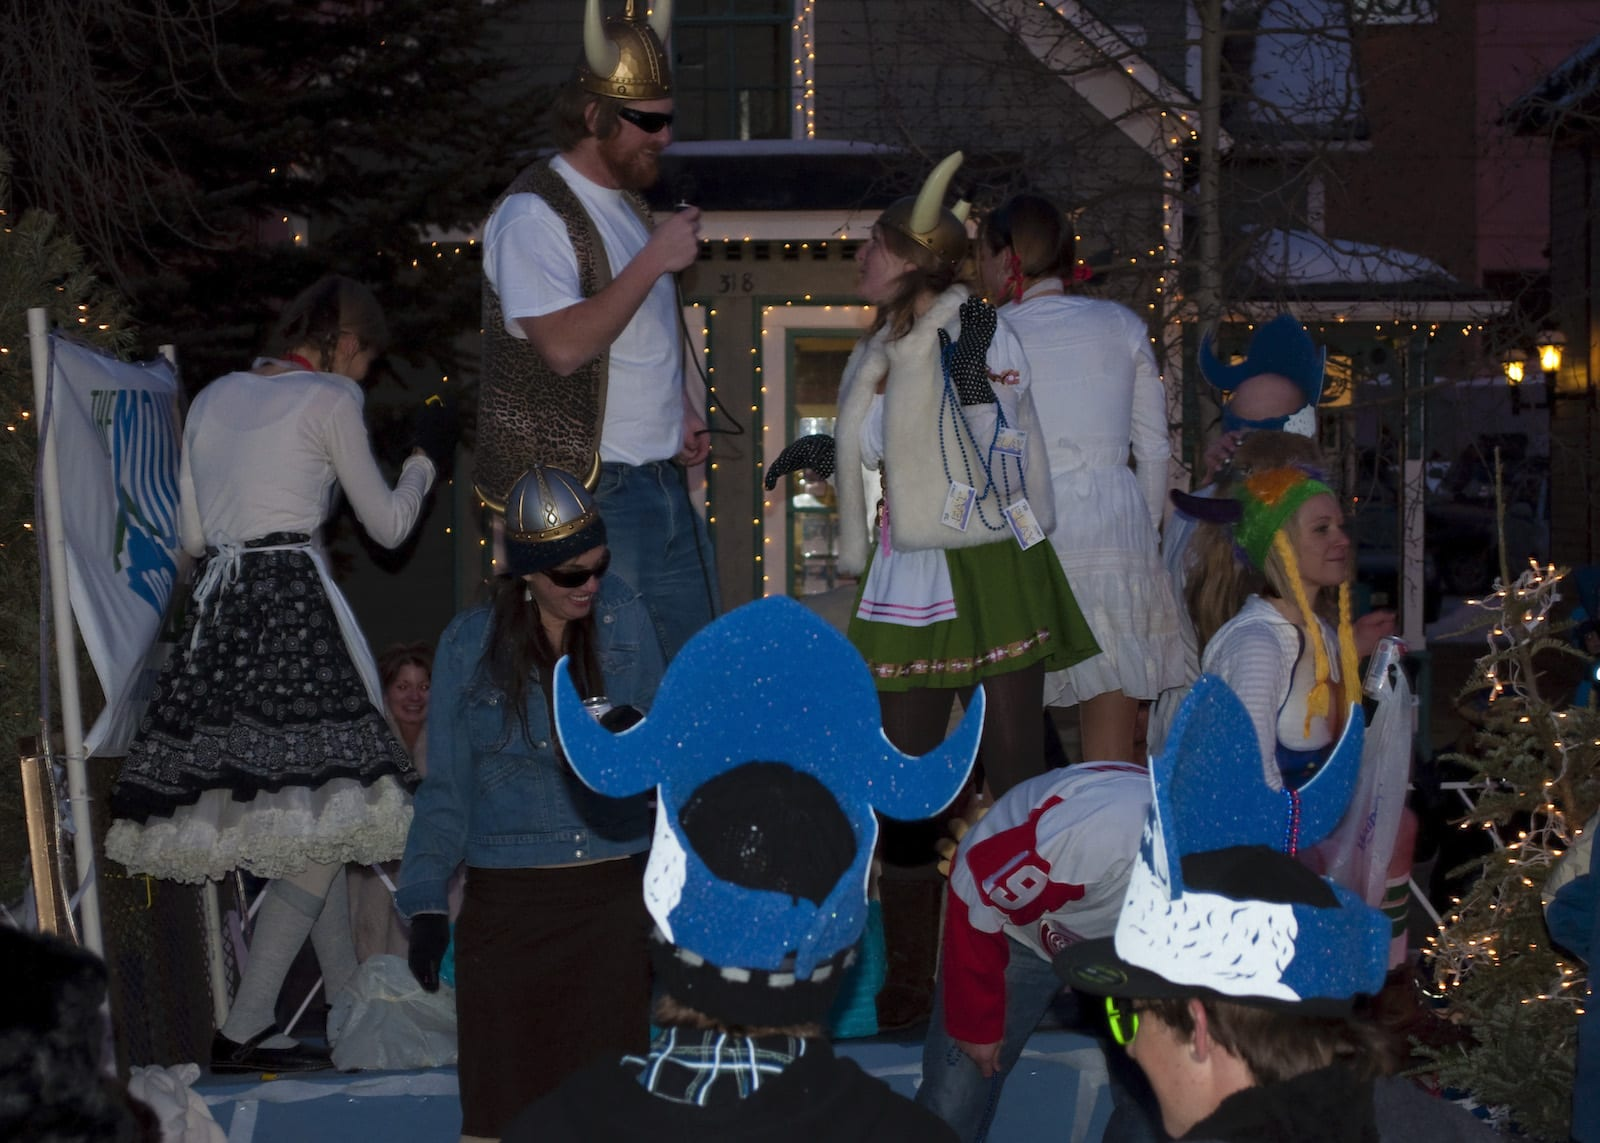 Ullr Festival in Breckenridge, CO